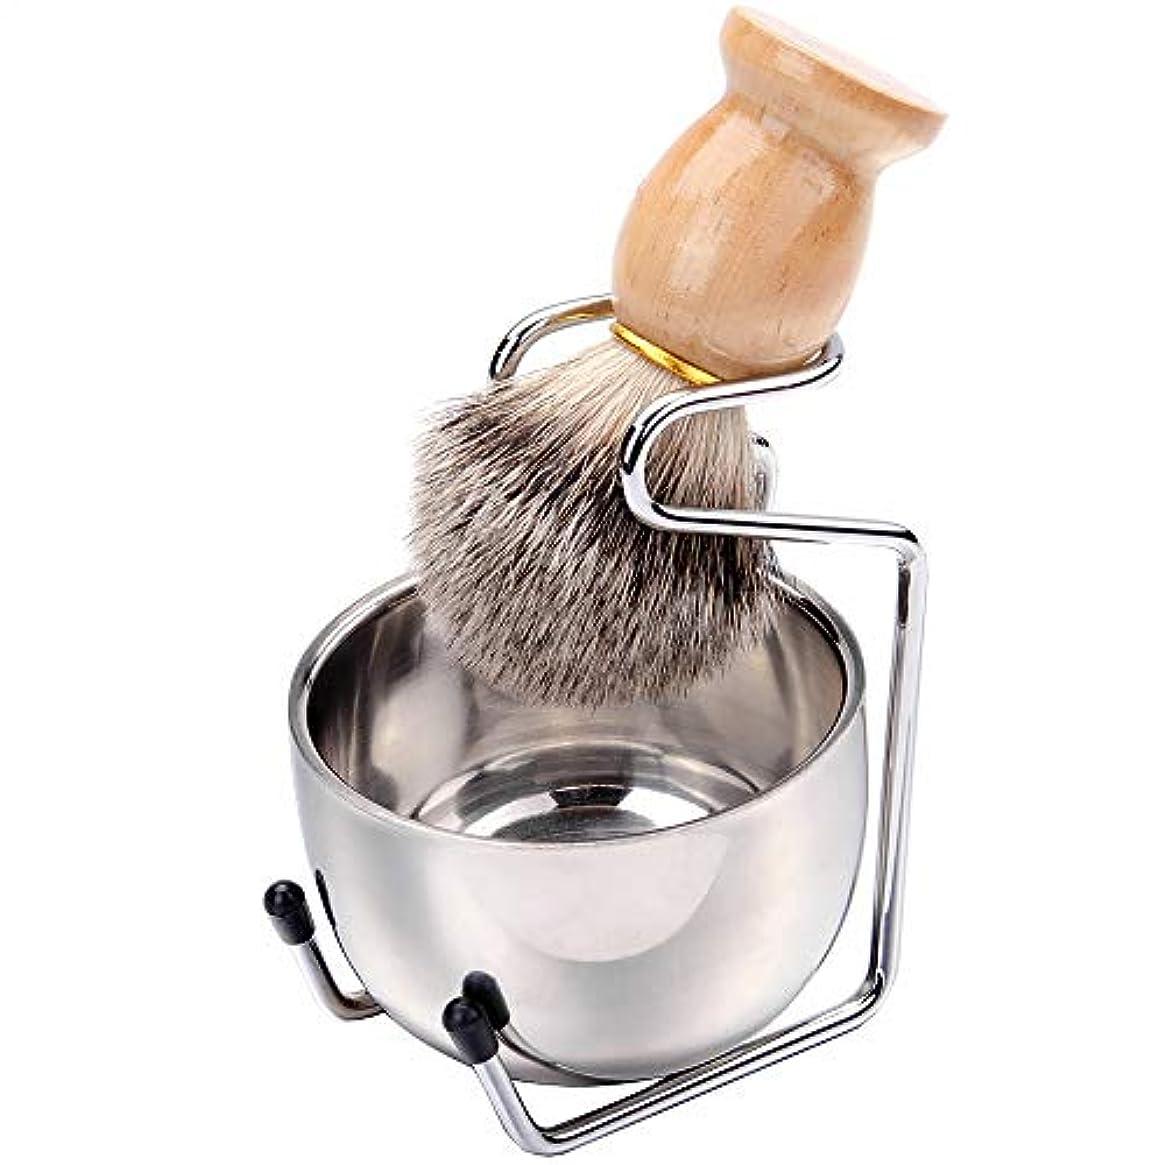 汗のりスローMen's Shaving Tool, 3-piece Beard Care Set Soap Bowl Hanger Brush Facial